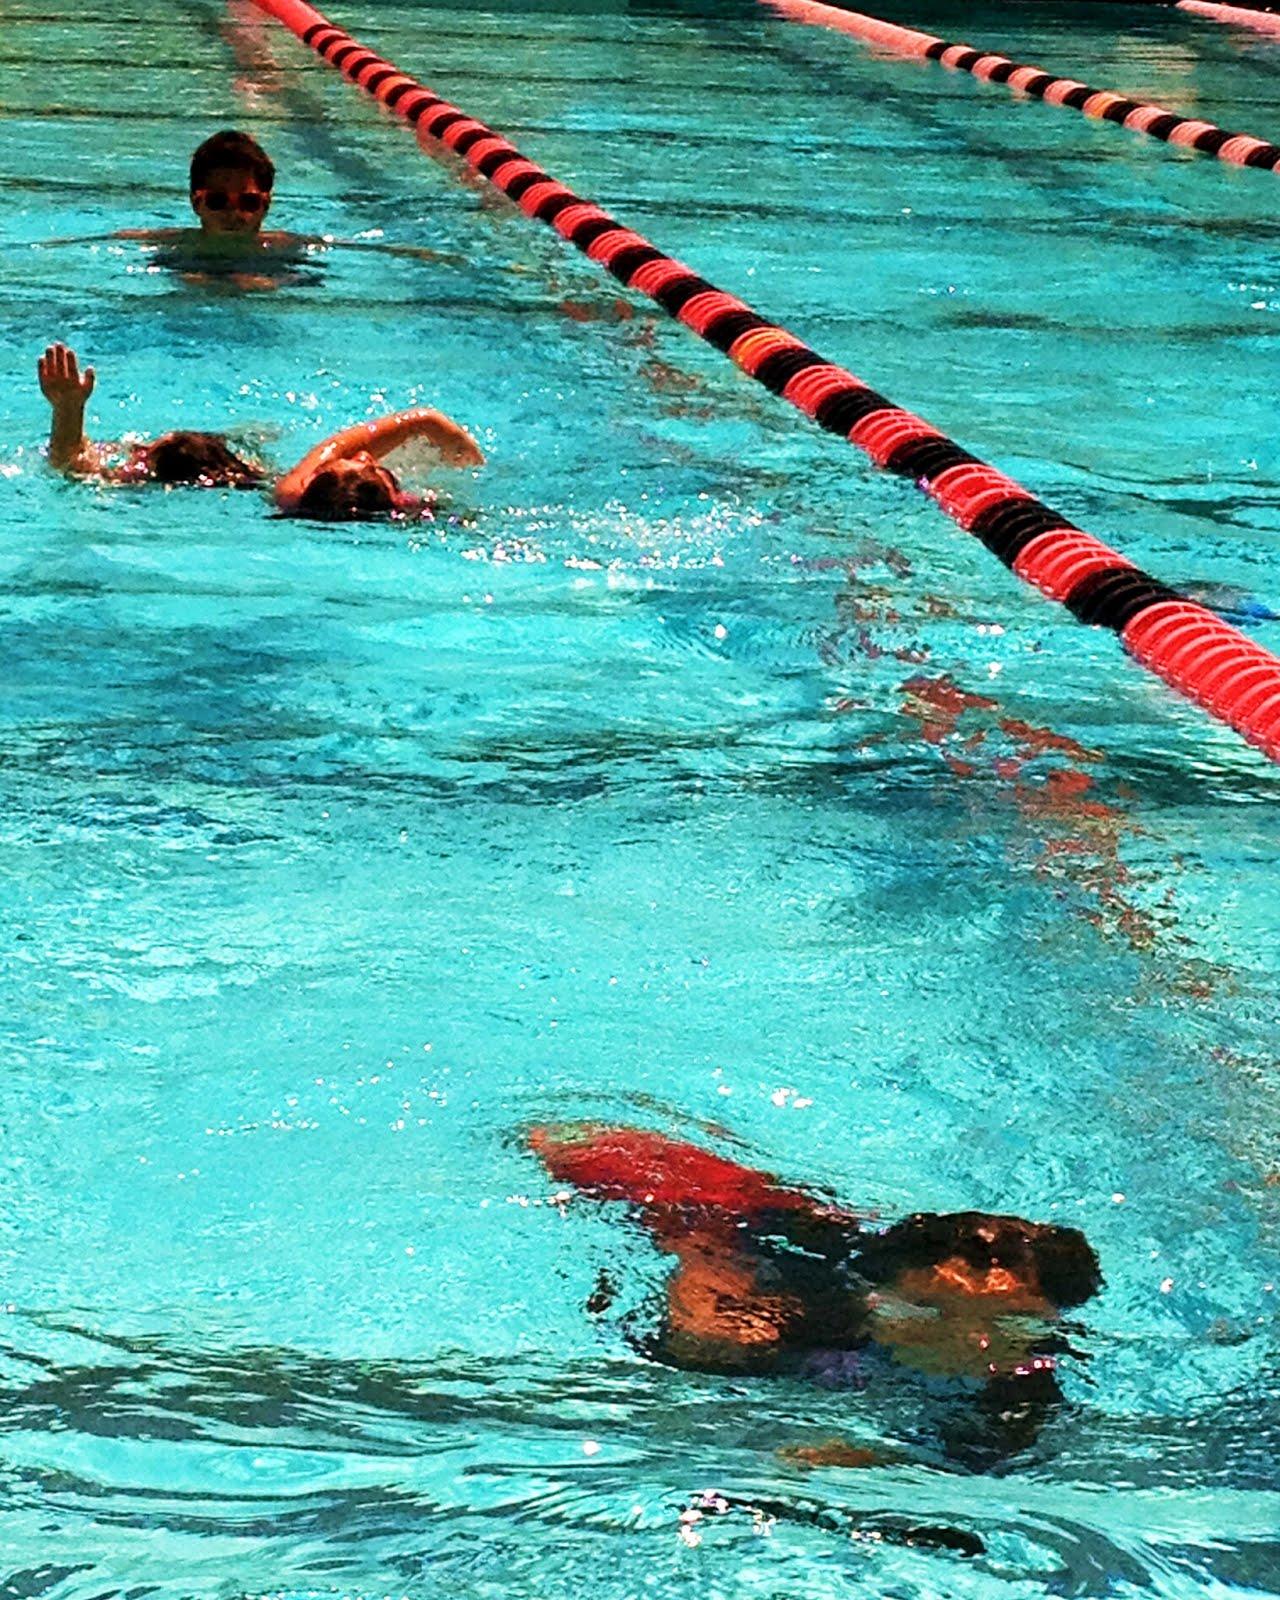 http://2.bp.blogspot.com/-ich7PnhkUSM/UBXtSzYPYsI/AAAAAAAAEqw/xQVWH5OfI3U/s1600/Olympic%2BDreams.jpg